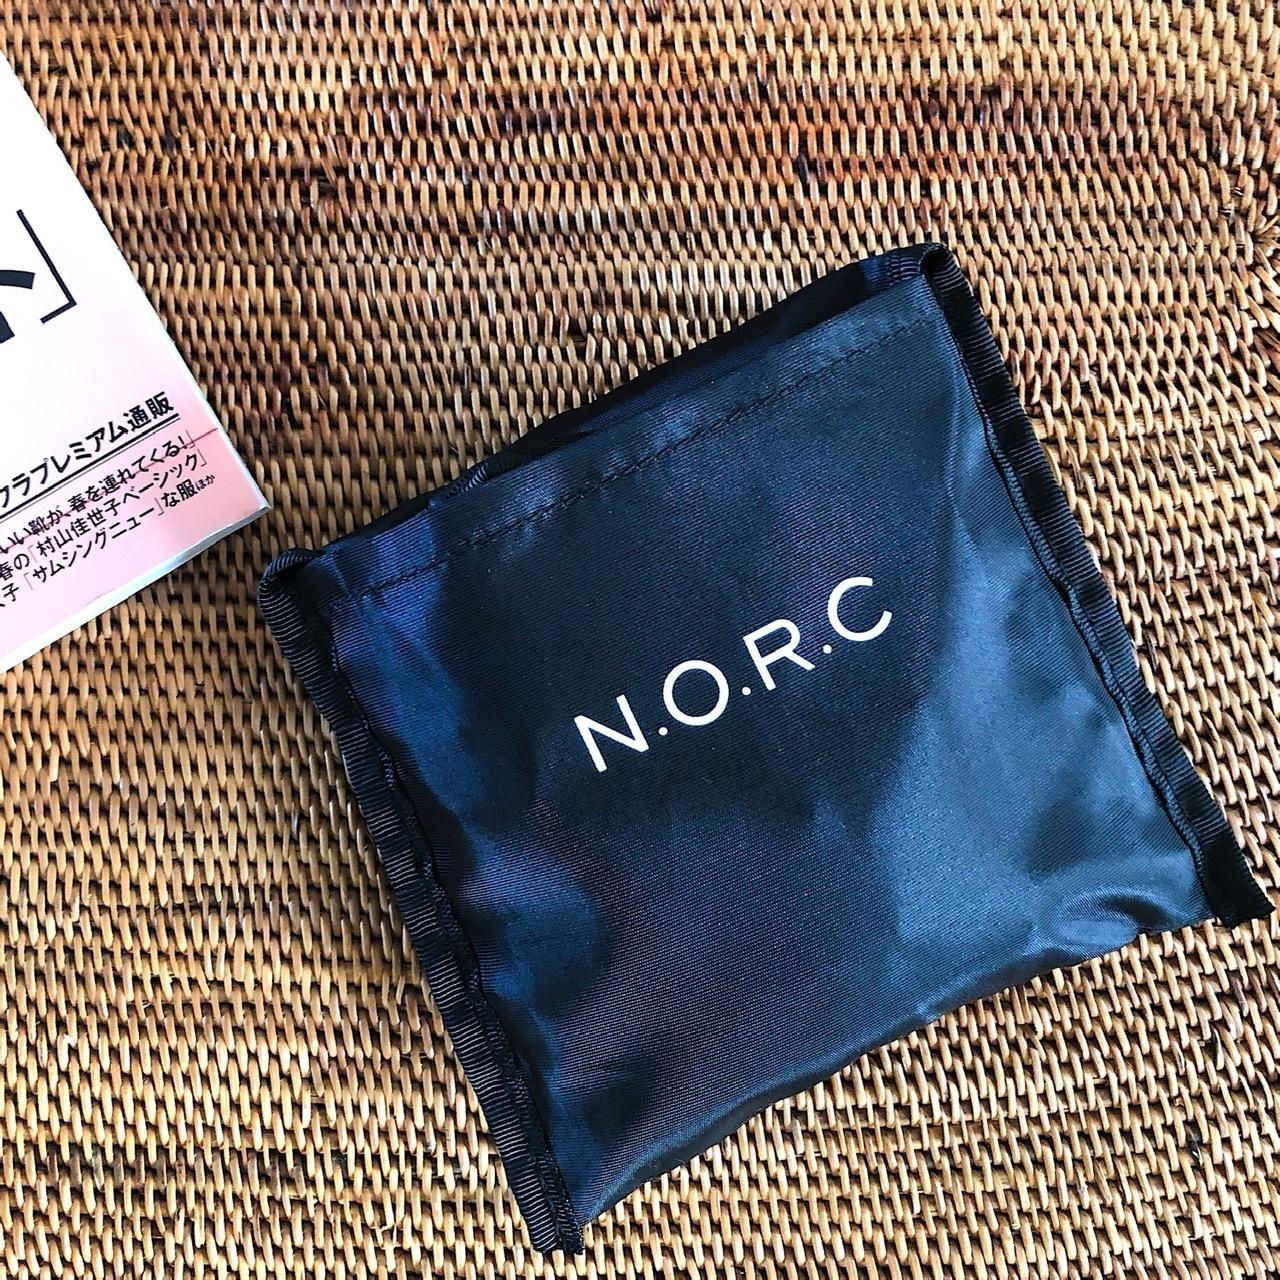 エクラ4月号付録 「N.O.R.C」とコラボした黒ショッパーBAGコーデ